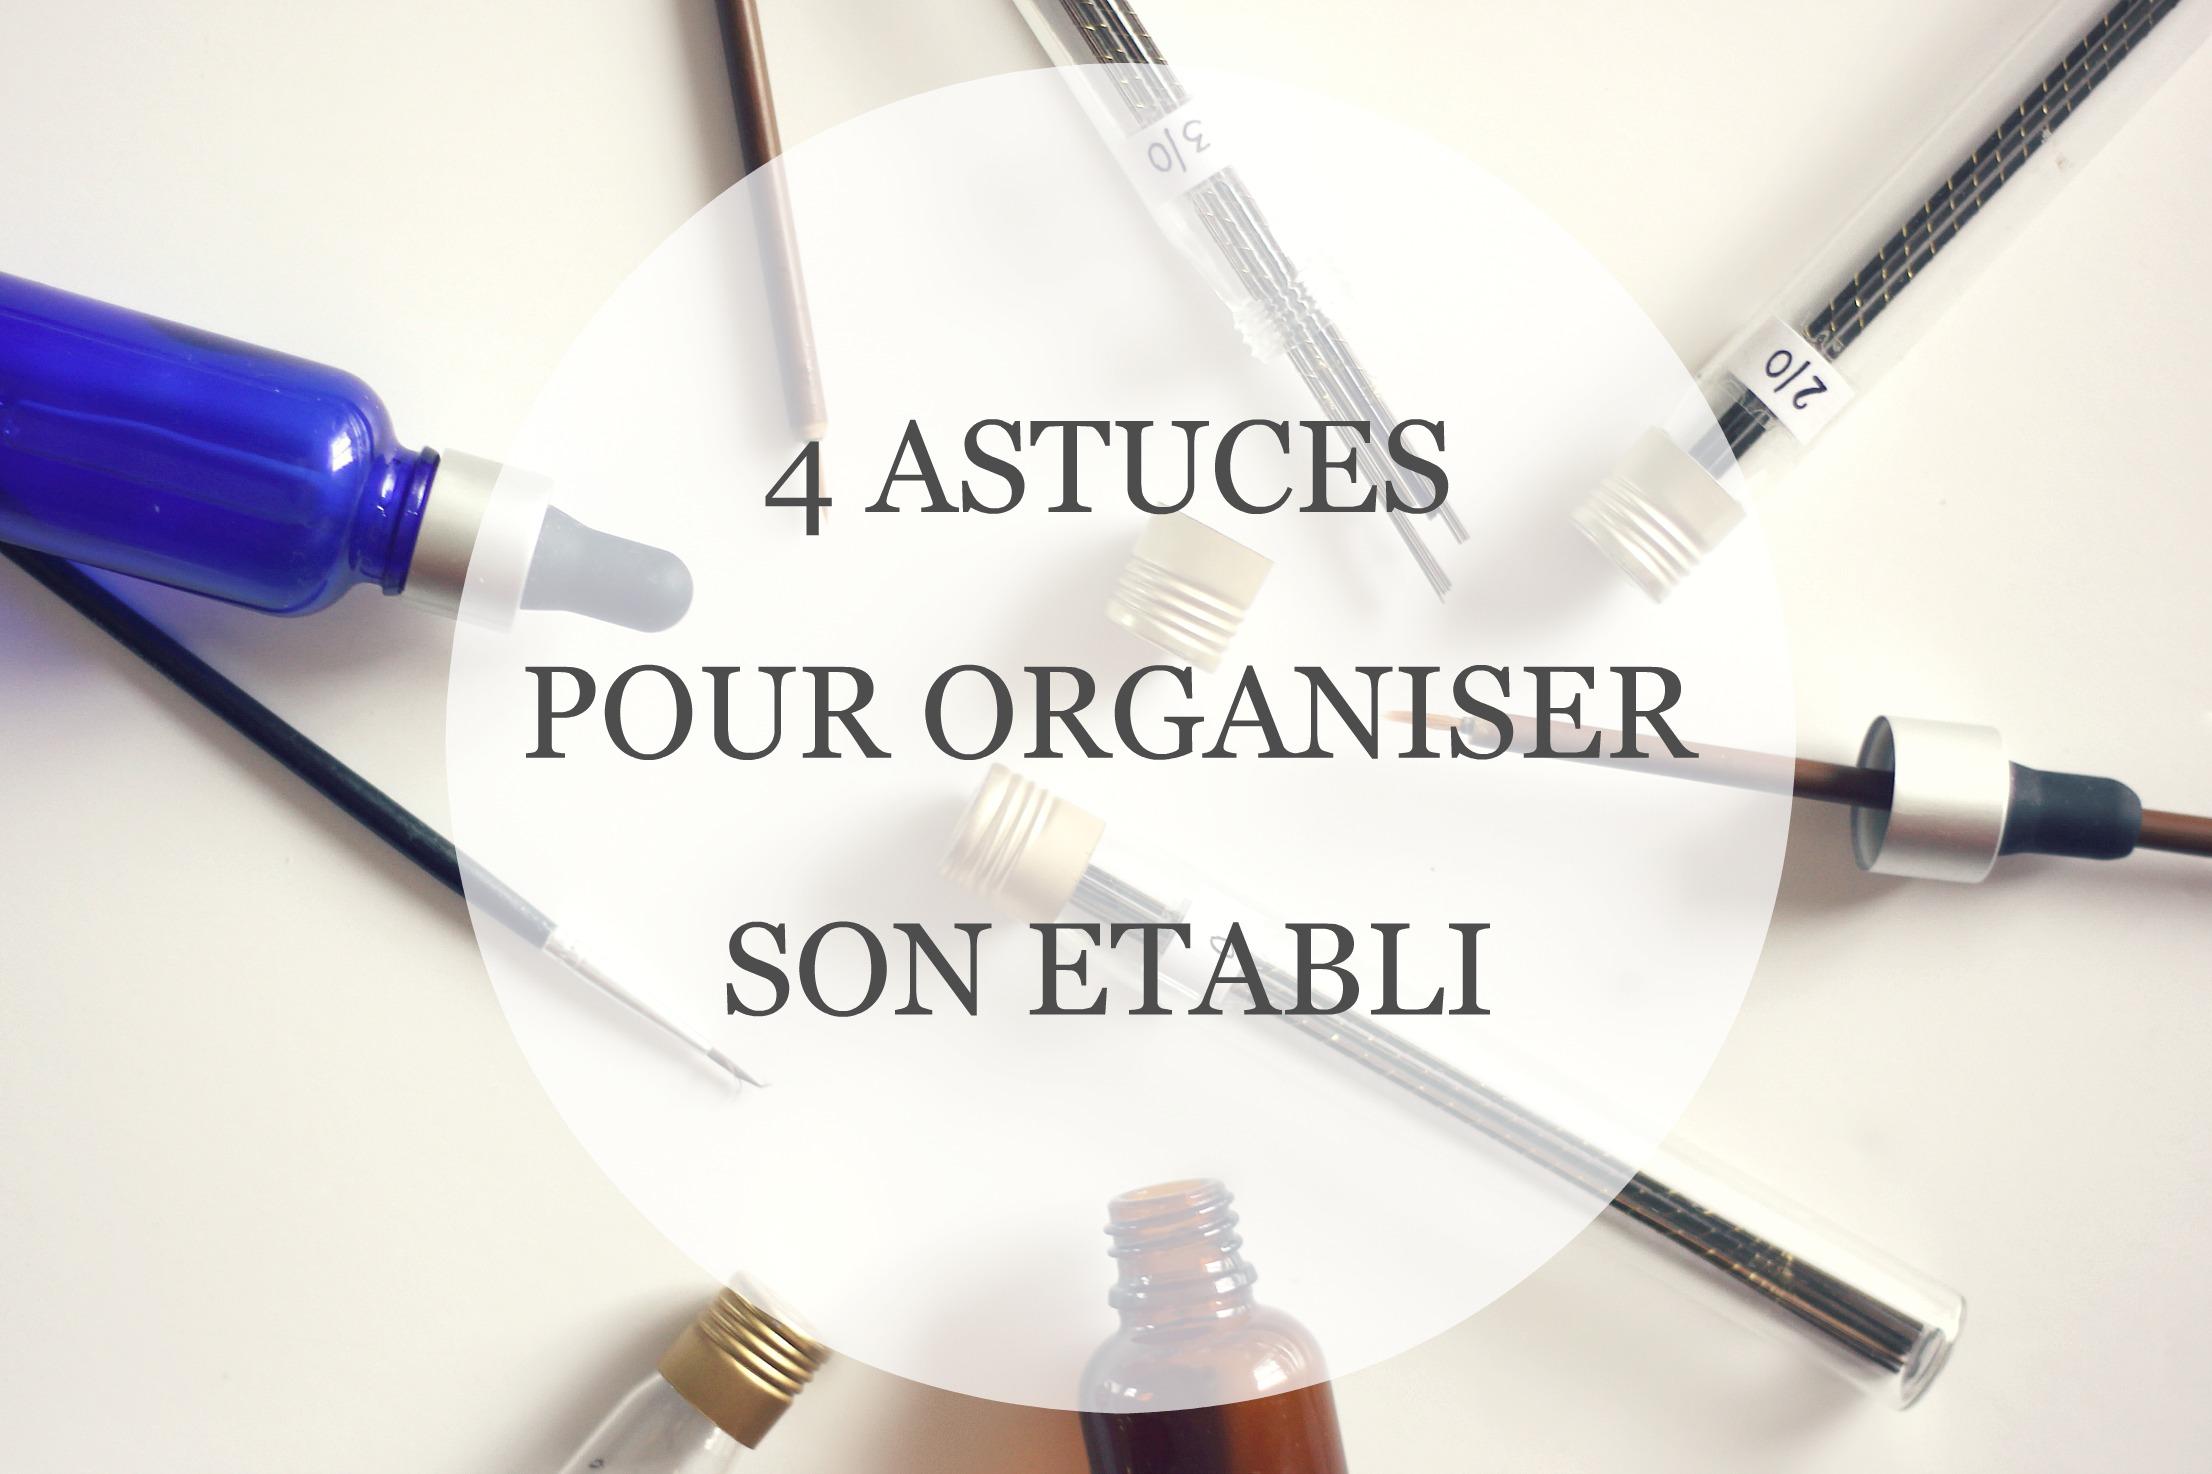 4 astuces de rangement pour organiser son établi de bijoutier - à retrouver sur www.apprendre-la-bijouterie.com